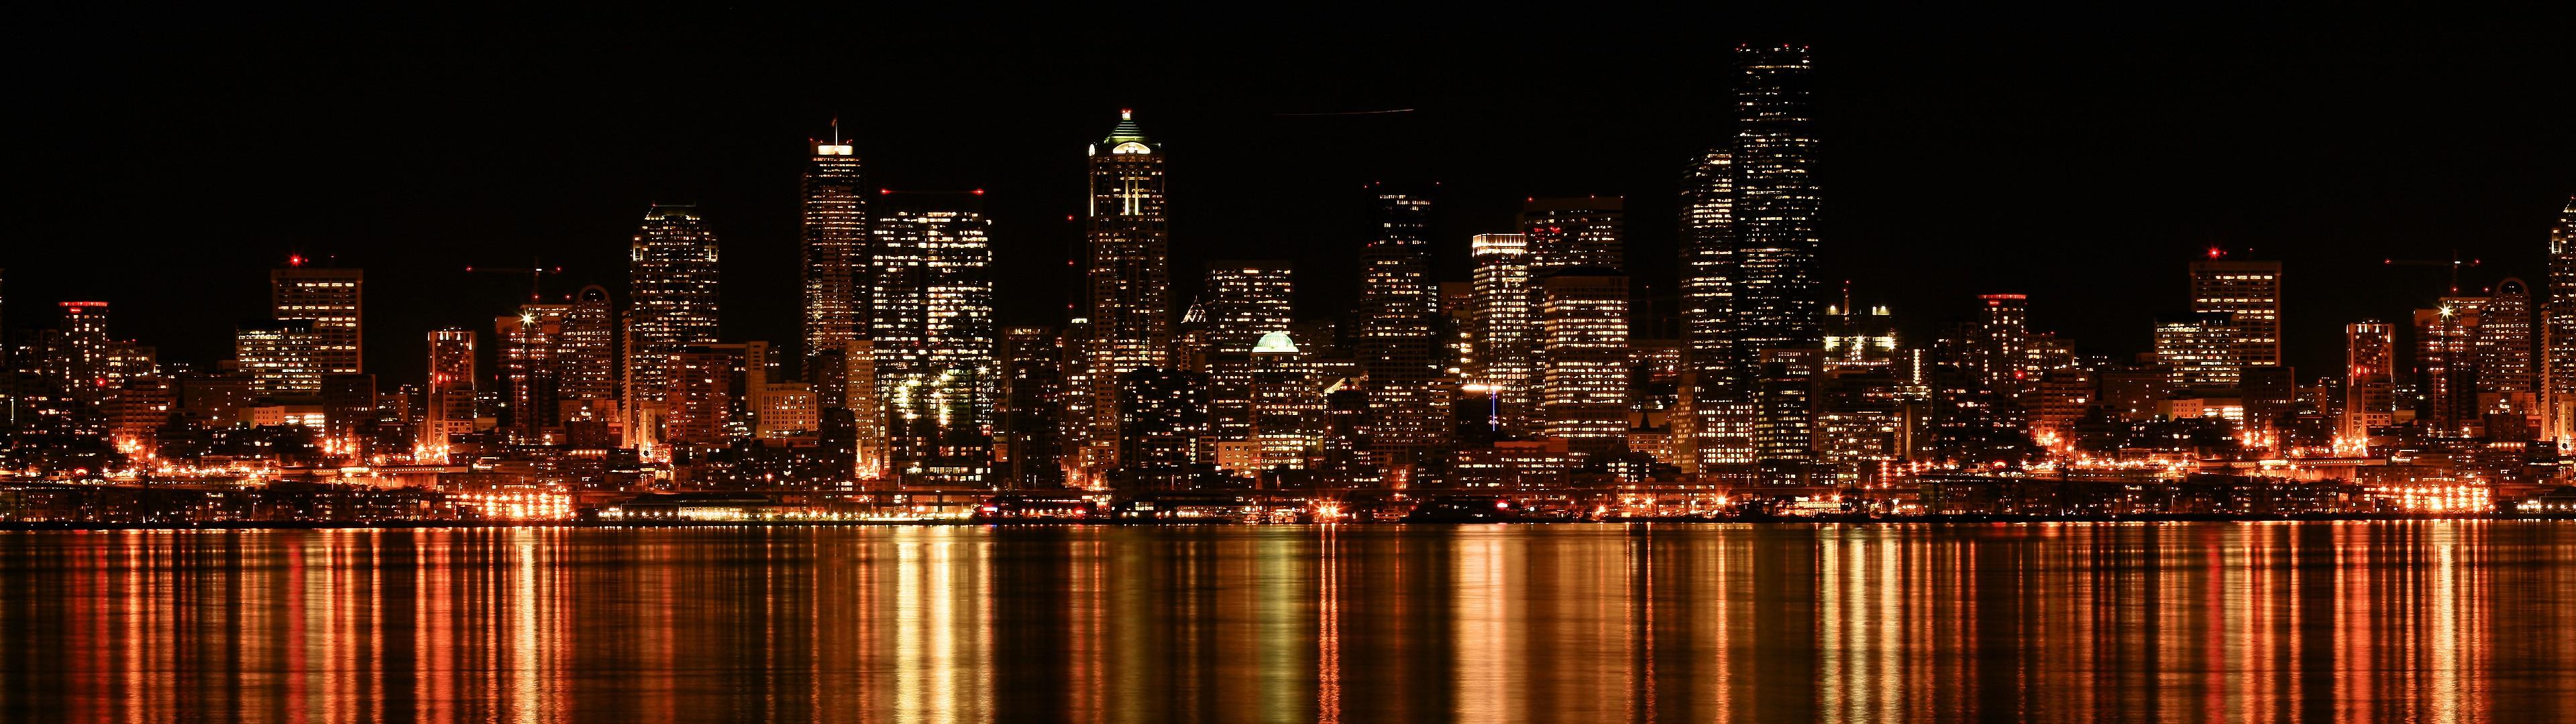 футболку тверь фото панорамы ночной город охранная система